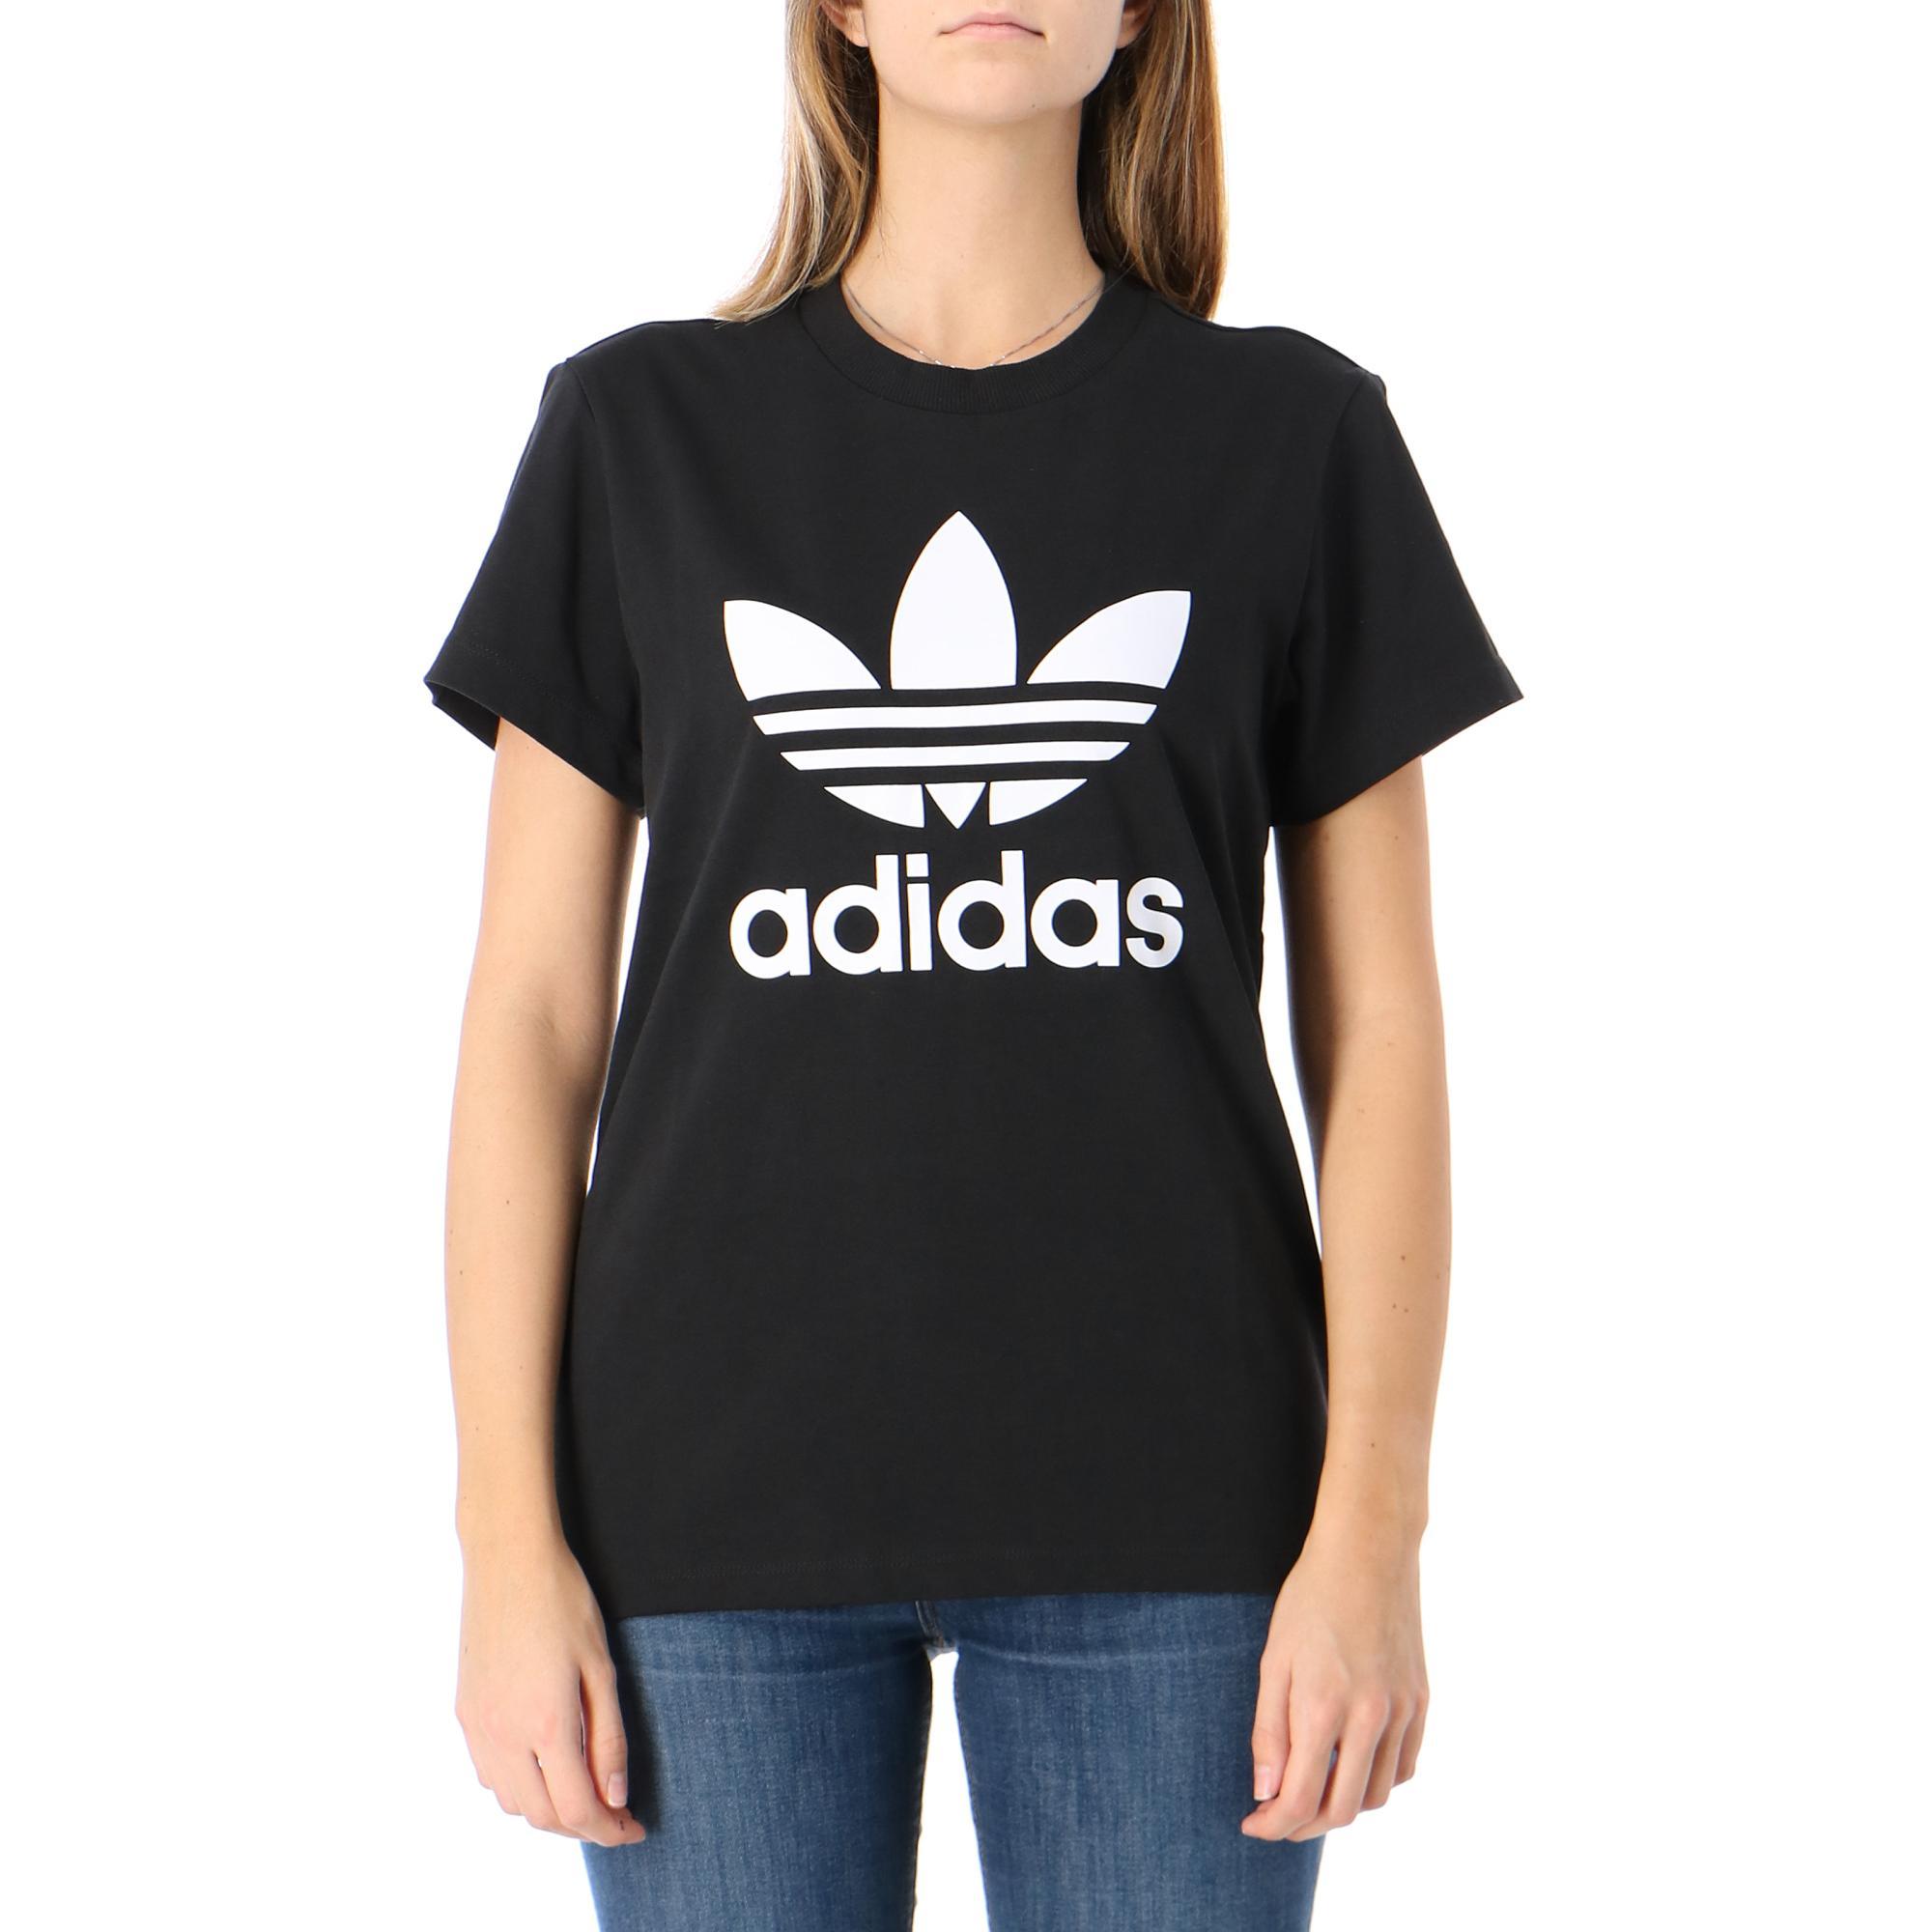 Adidas Boyfriend Tee Black